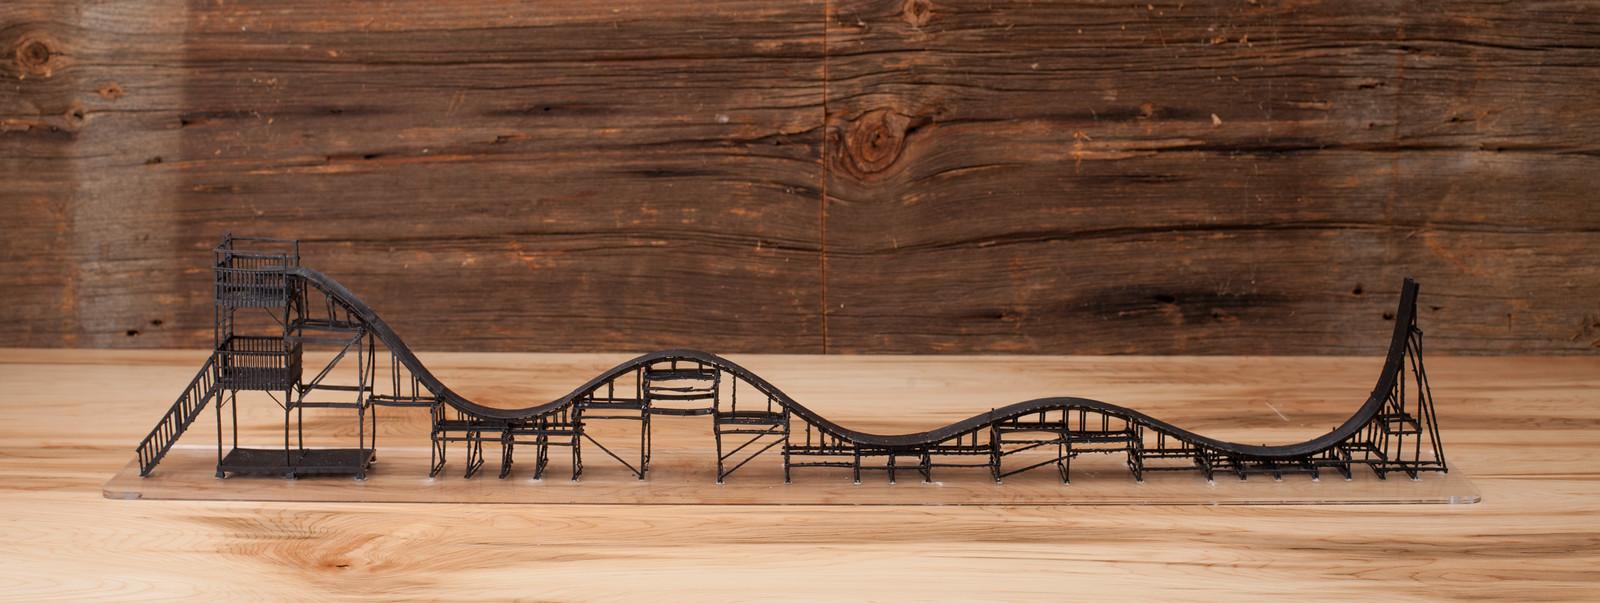 3D Printed version of Ben Katz's rollercoaster